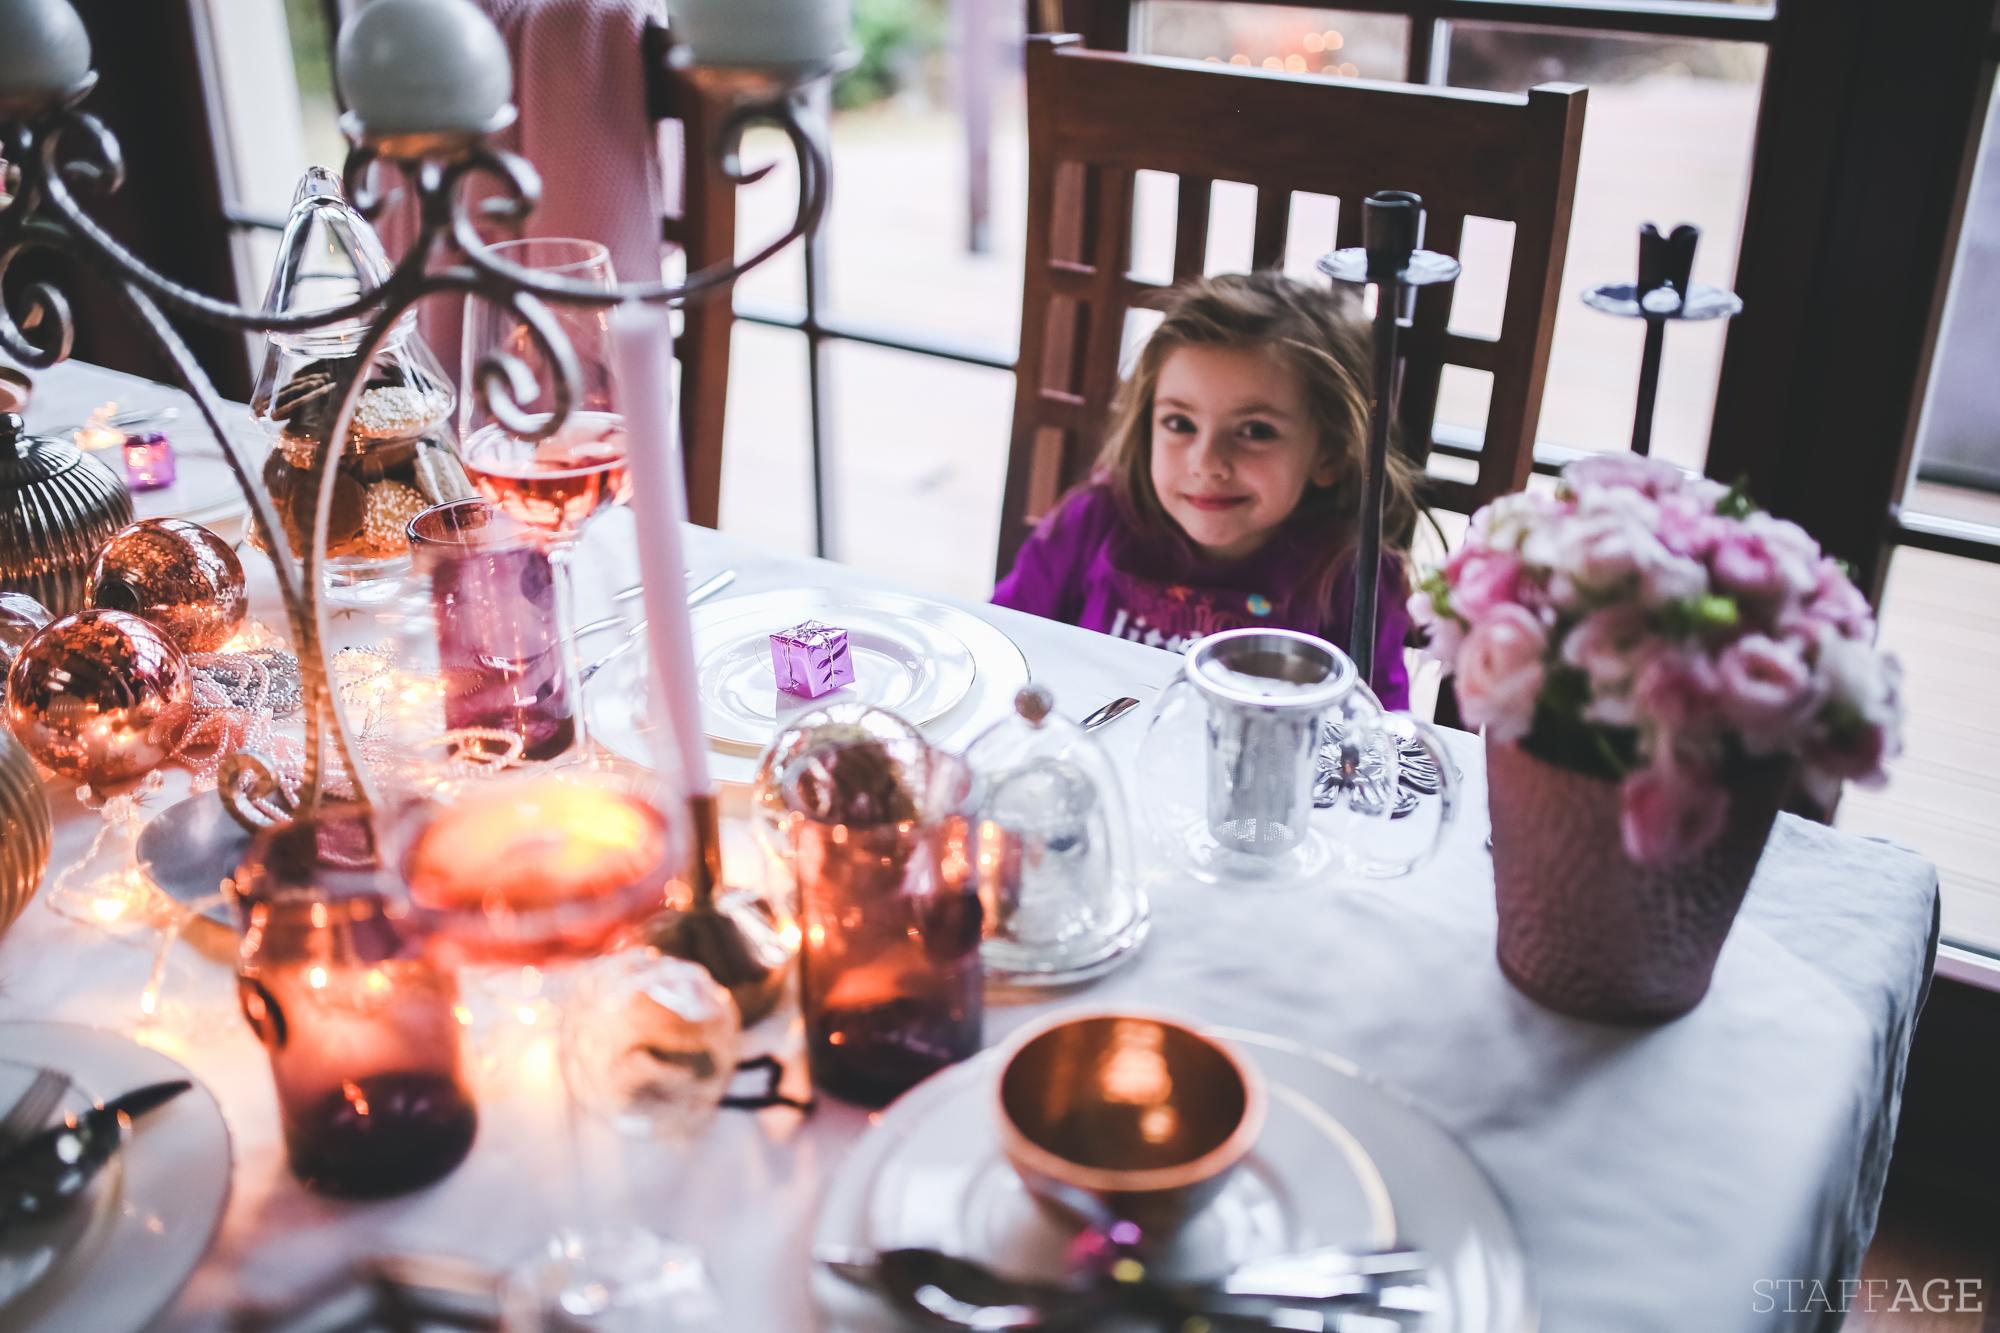 16 Staffagepl wigilijny stol pomysly na jadalnie swiateczne aranzacje chrstmas table settings ideas interior design winter flowers tableware